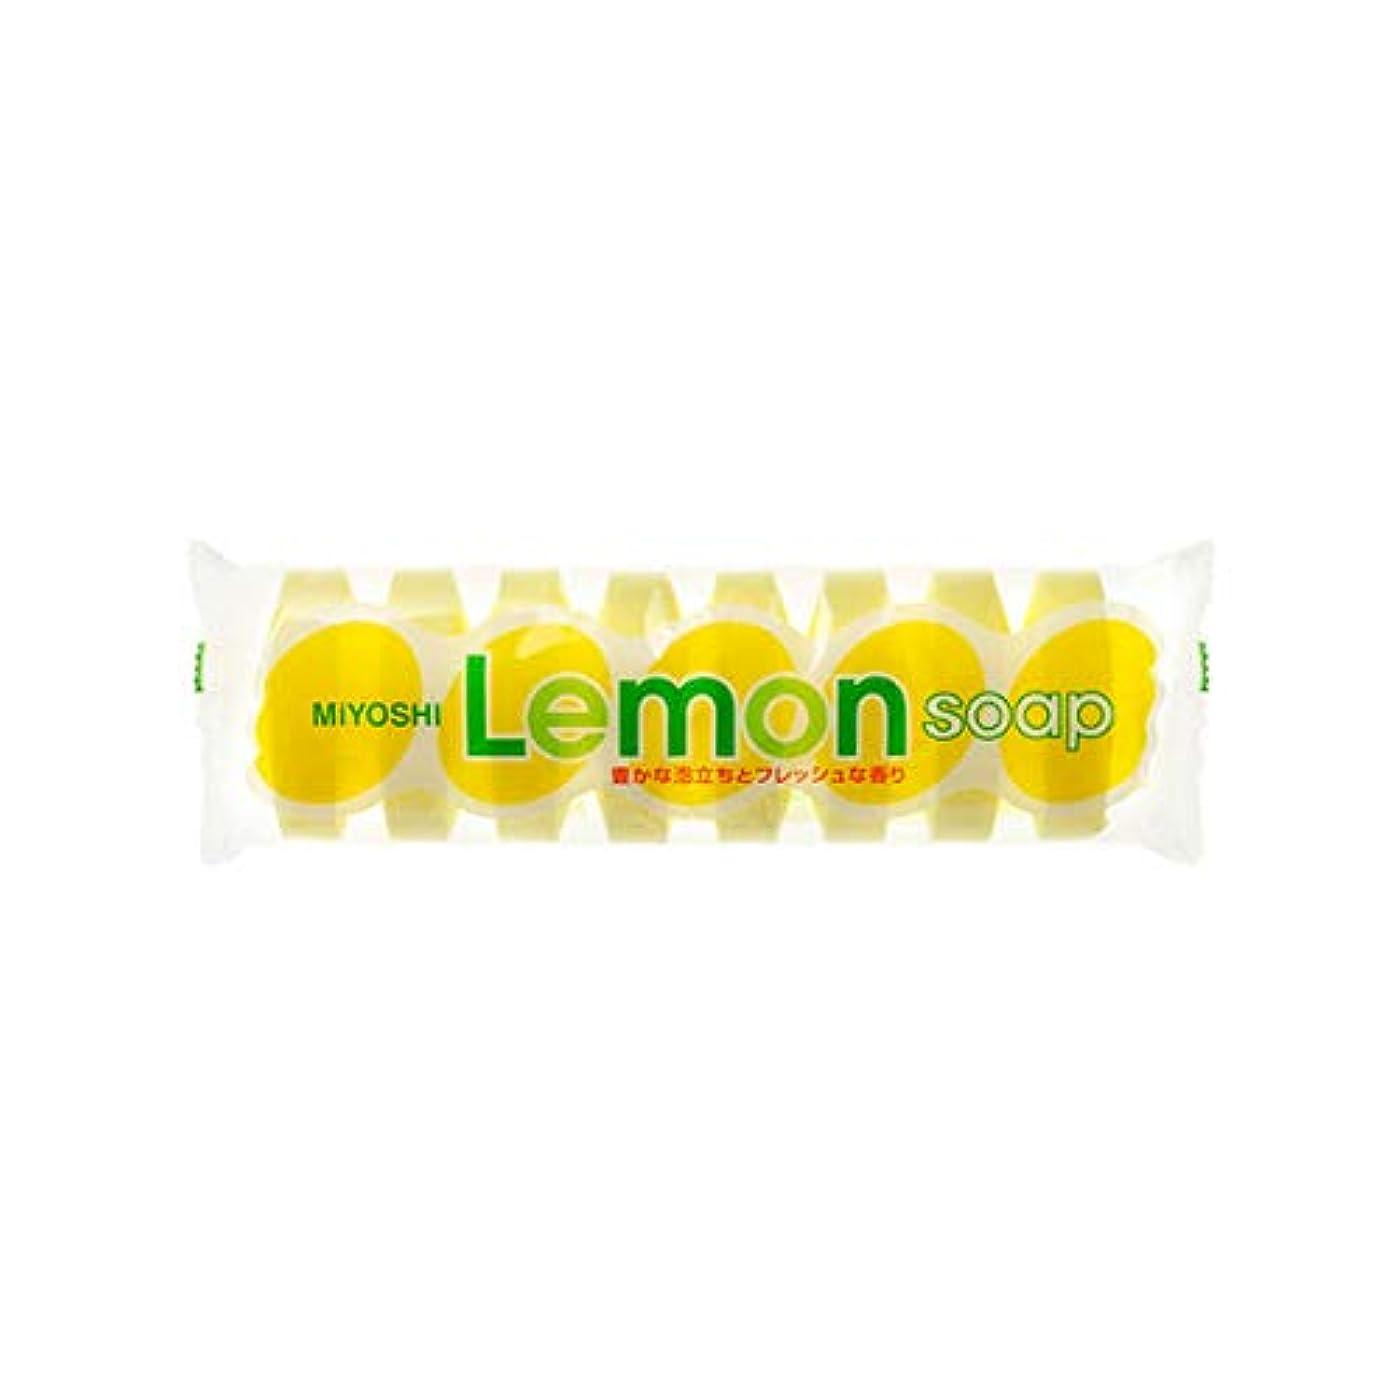 竜巻加速度けん引手洗い用石鹸 ミヨシ レモンソープ 8個入りX30パック ミヨシ石鹸